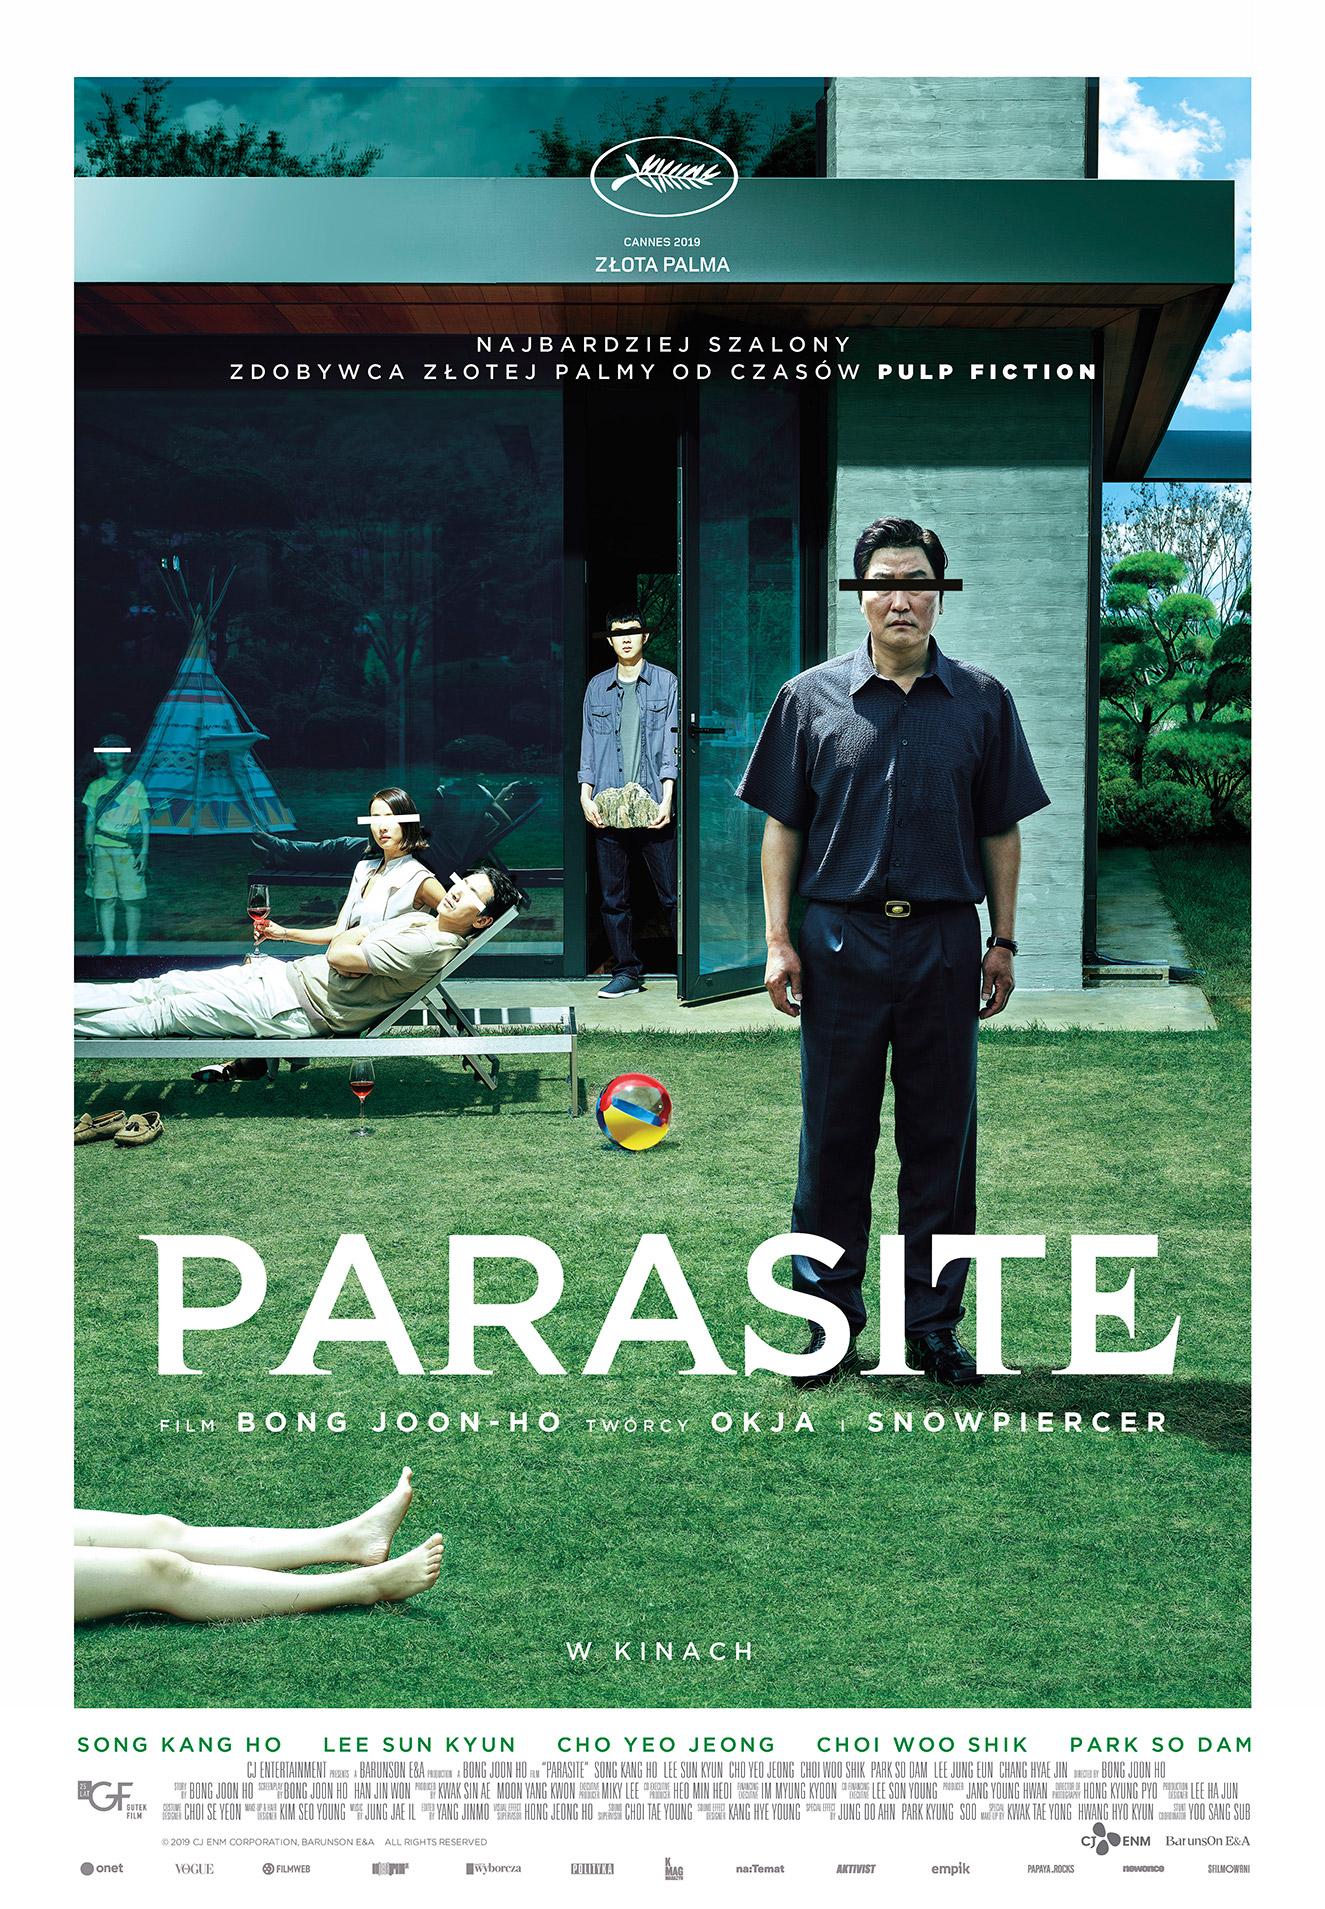 https://sklep.gutekfilm.pl/uploads/parasite-plakatpl-lq.jpg